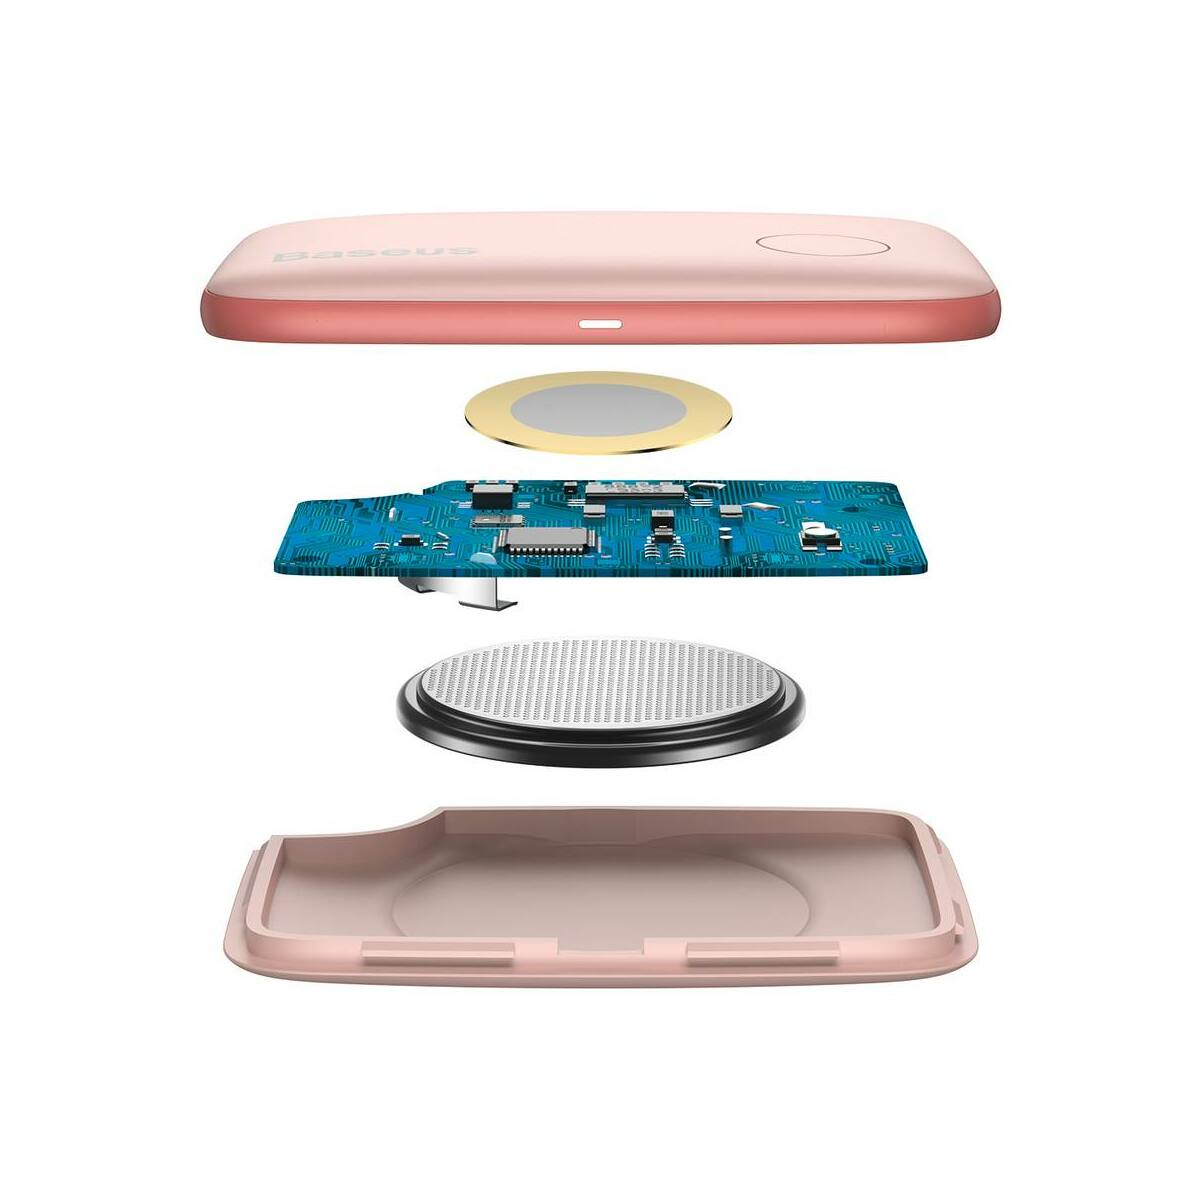 Baseus otthon, Intelligent T2 mini kötél forma, elveszett eszközök/kulcsok megtalálásához eszköz és detektor, rózsaszín (ZLFDQT2-04)